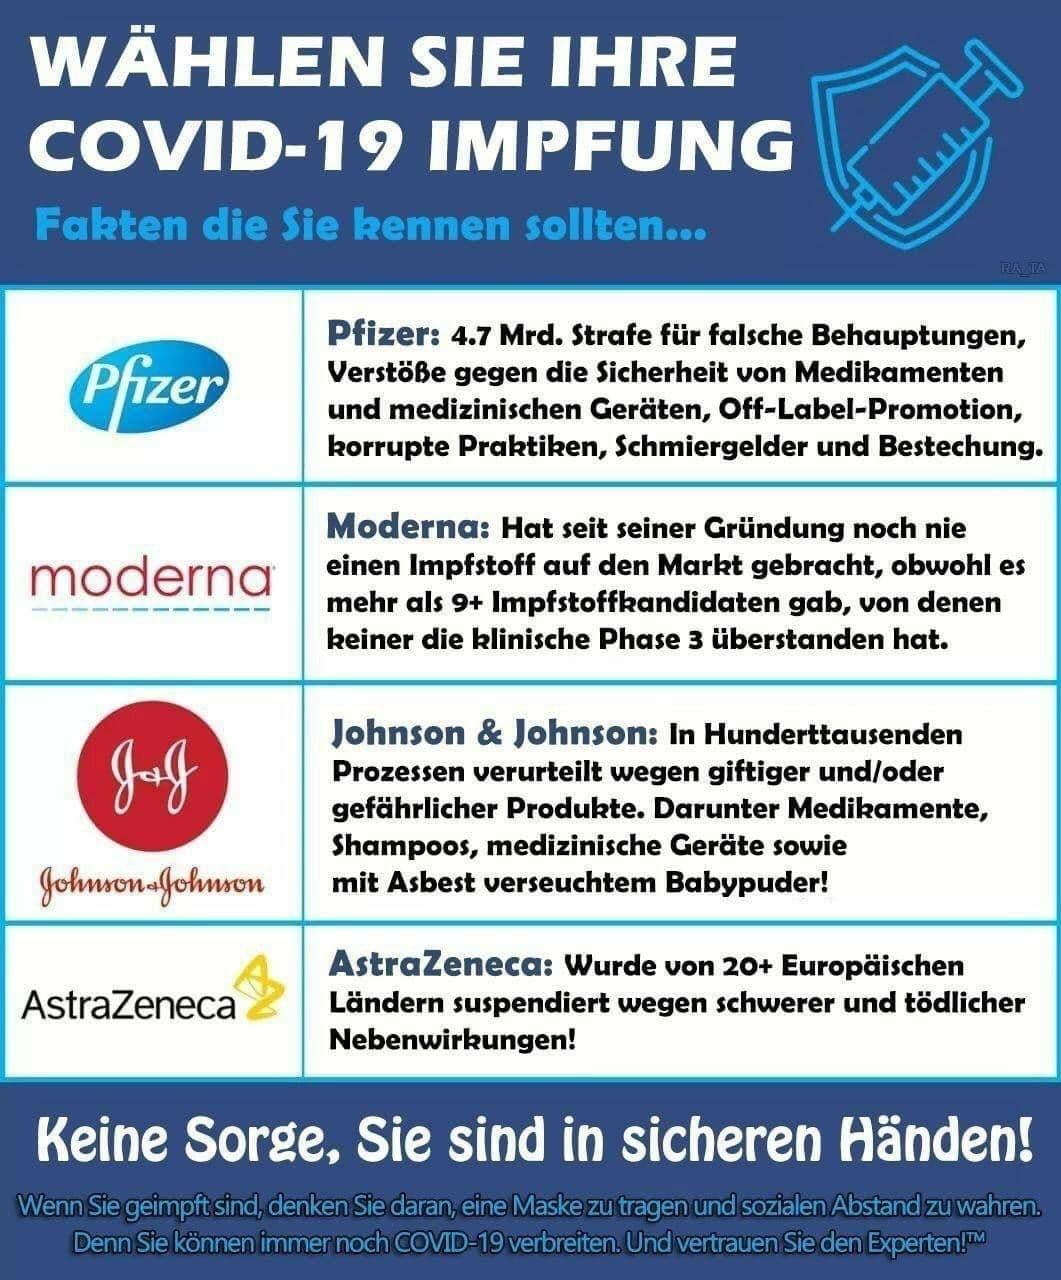 Wählen Sie Ihre COVID-Impfung!